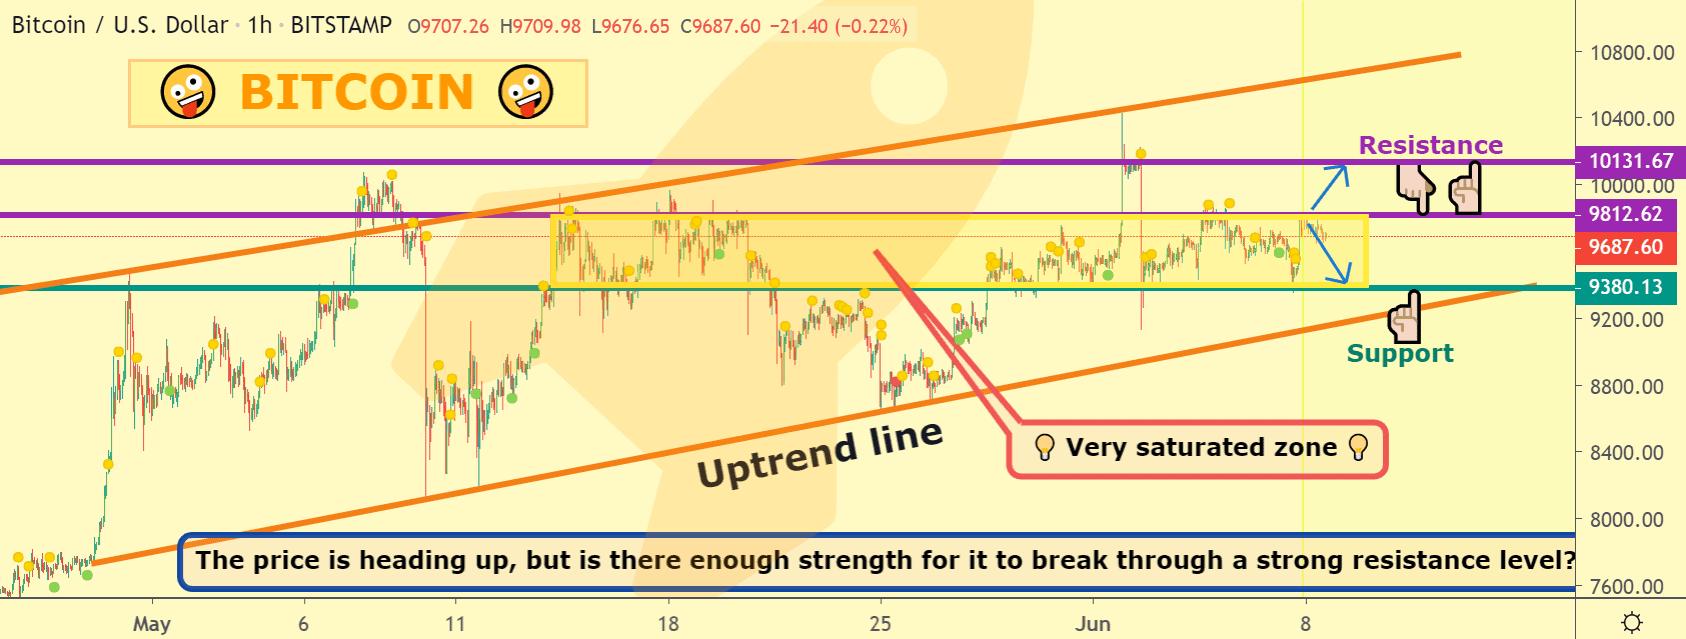 Bitcoin price chart 2 - Jun8